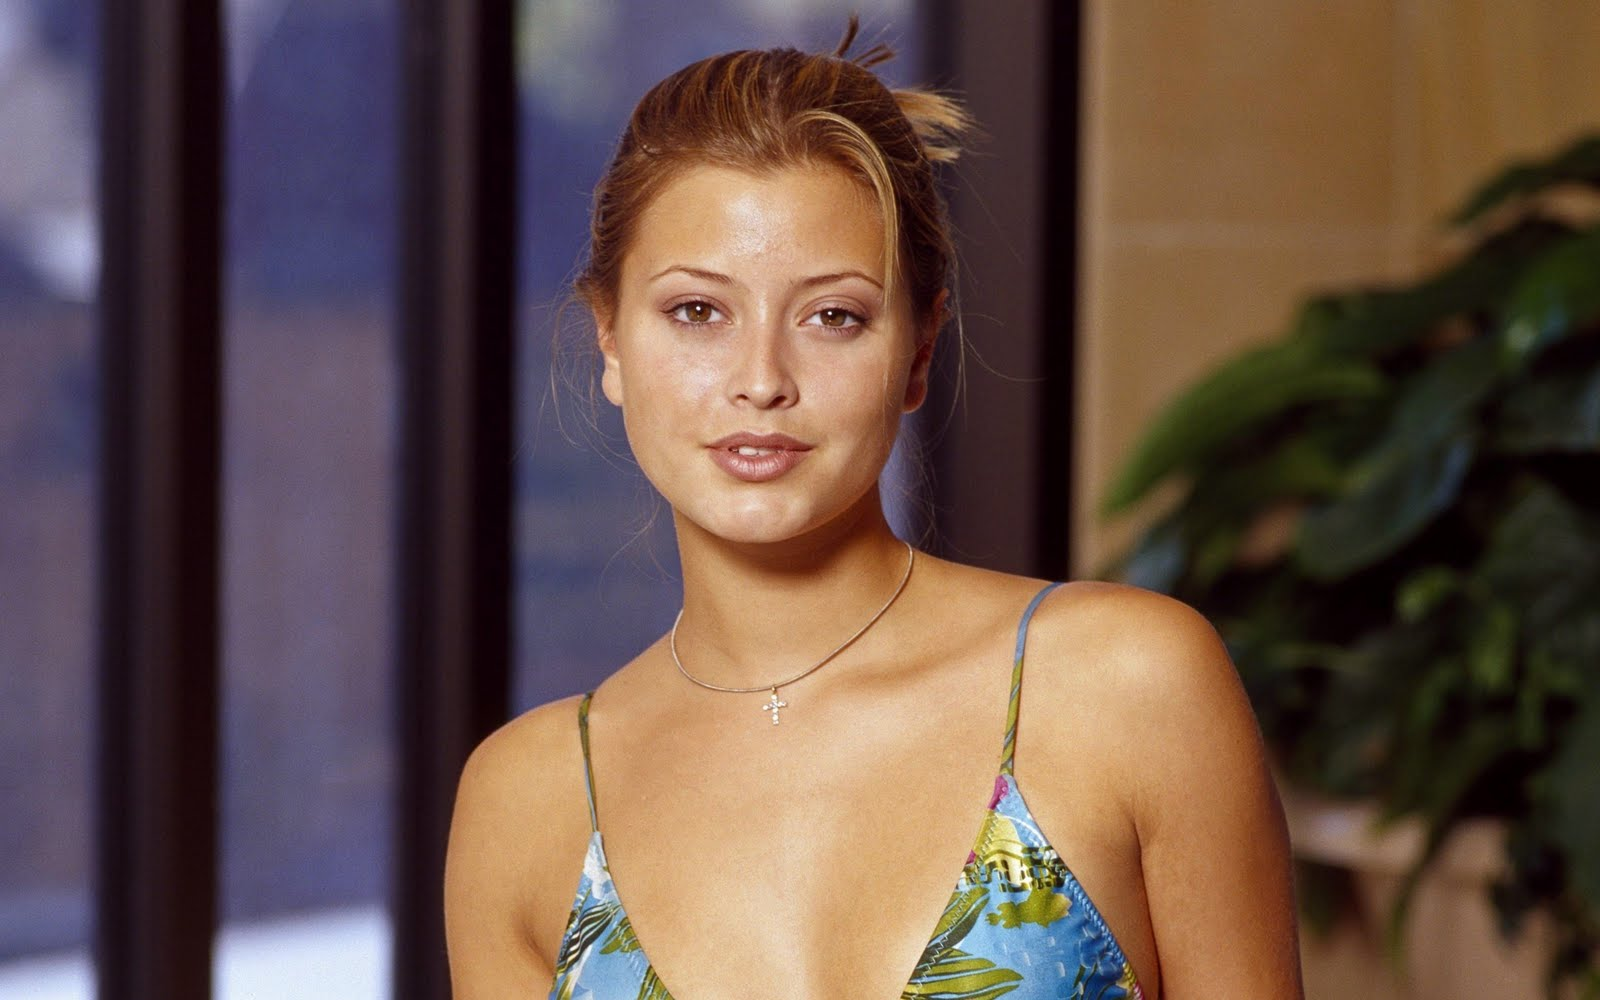 Sarah Hyland born November 24, 1990 (age 27)